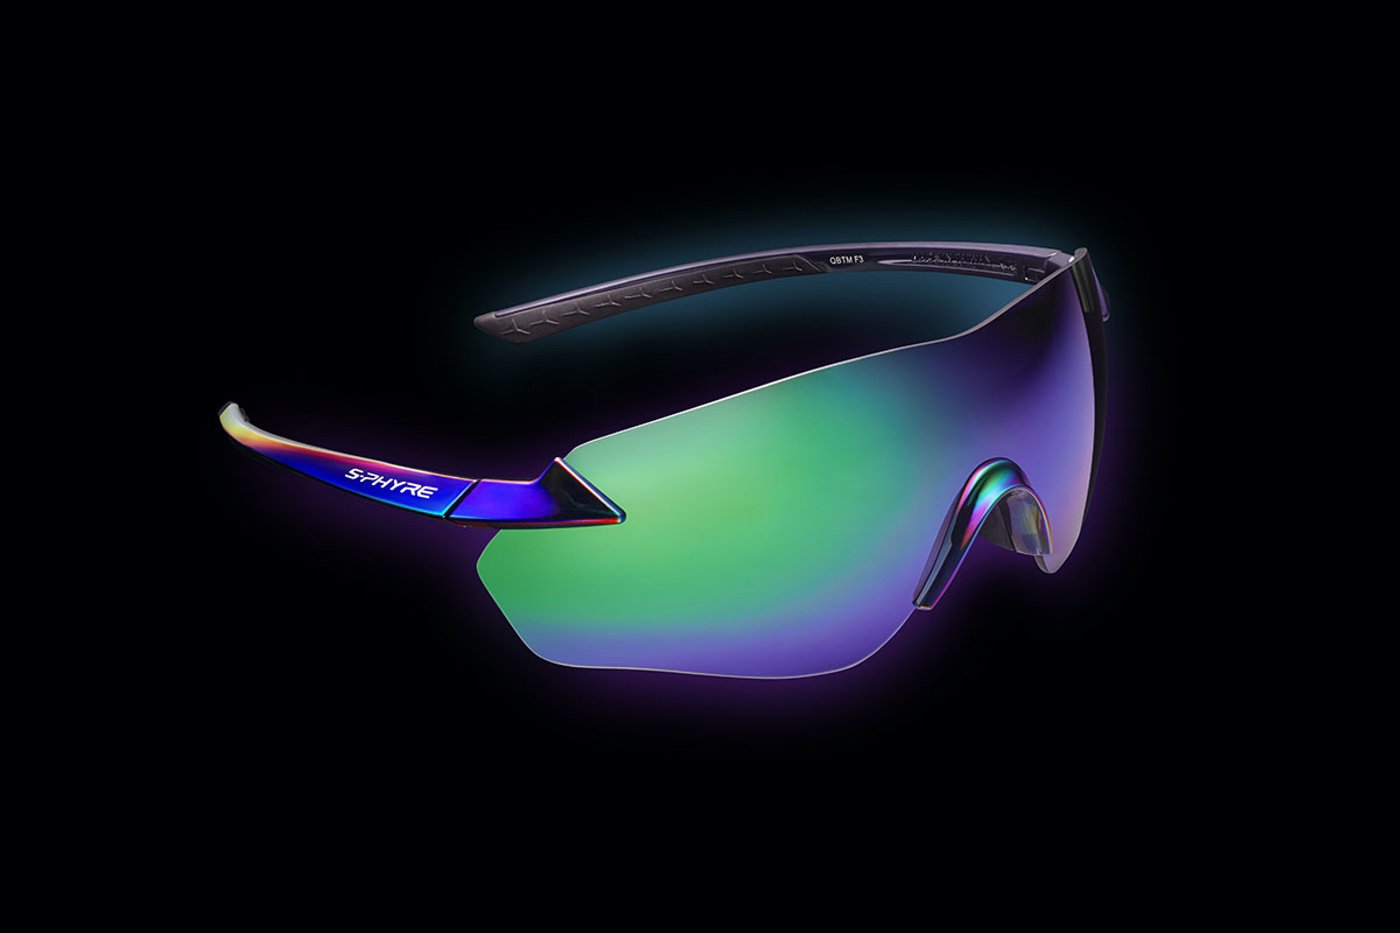 Gafas Shimano Aurora S-PHYRE R